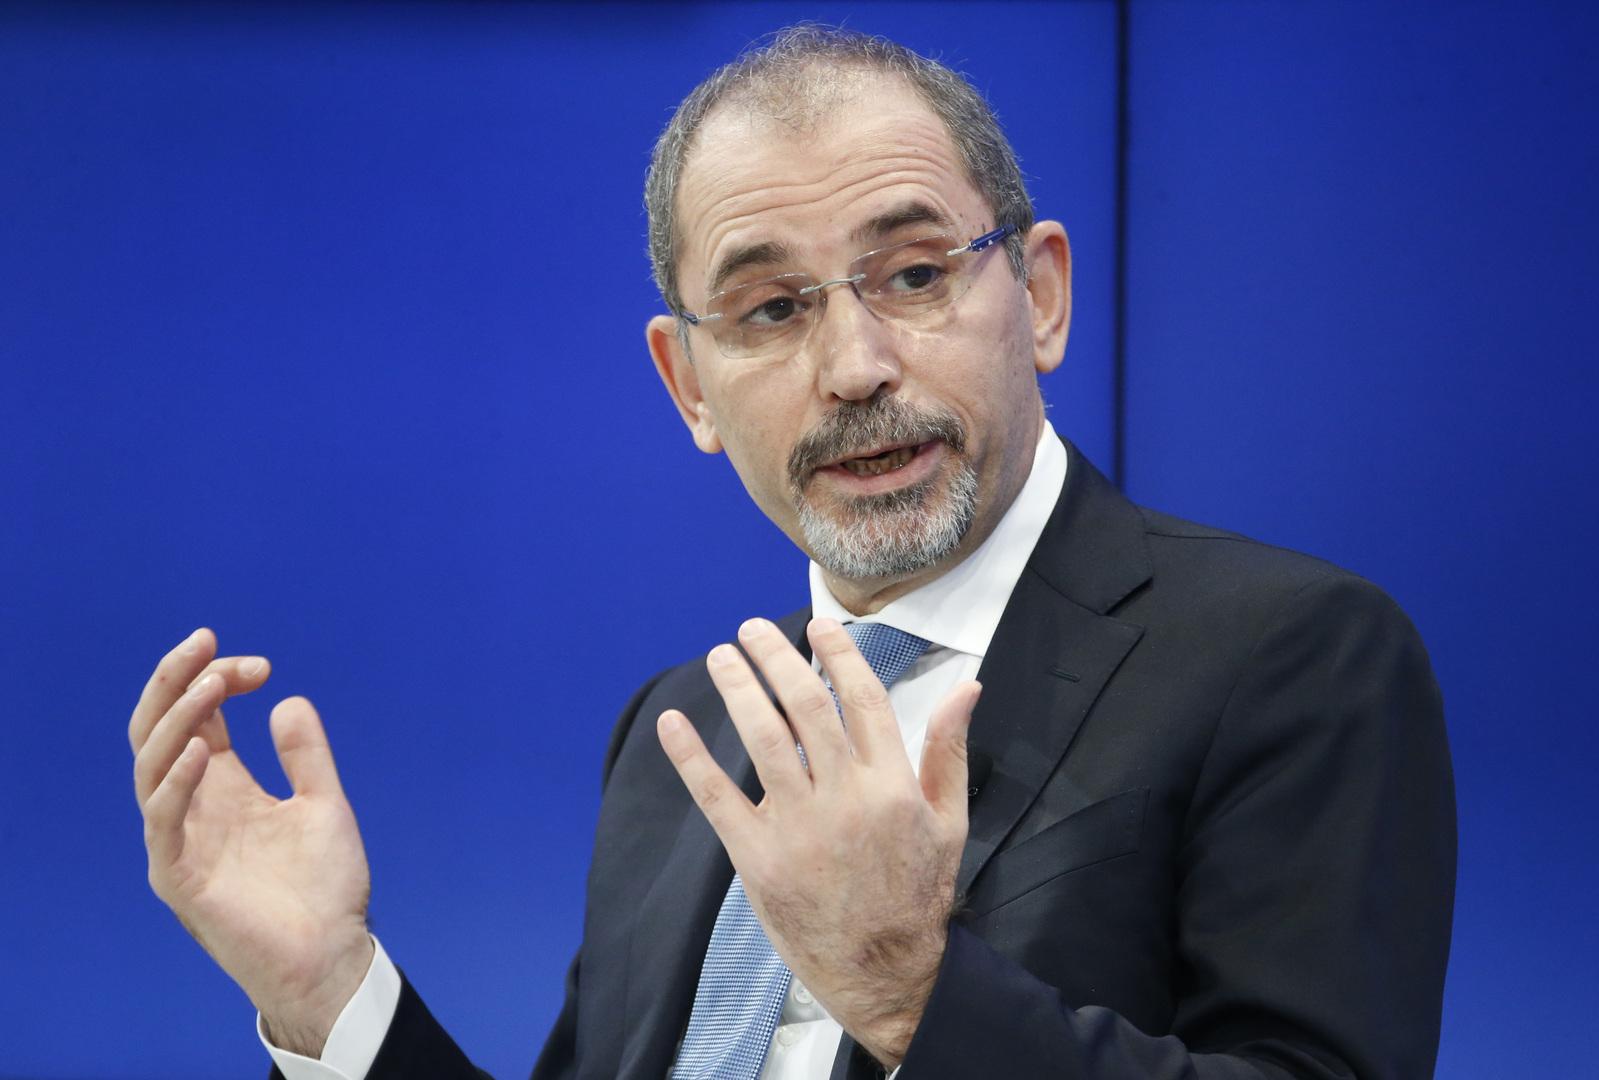 وزير الخارجية الأردني، أيمن الصفدي